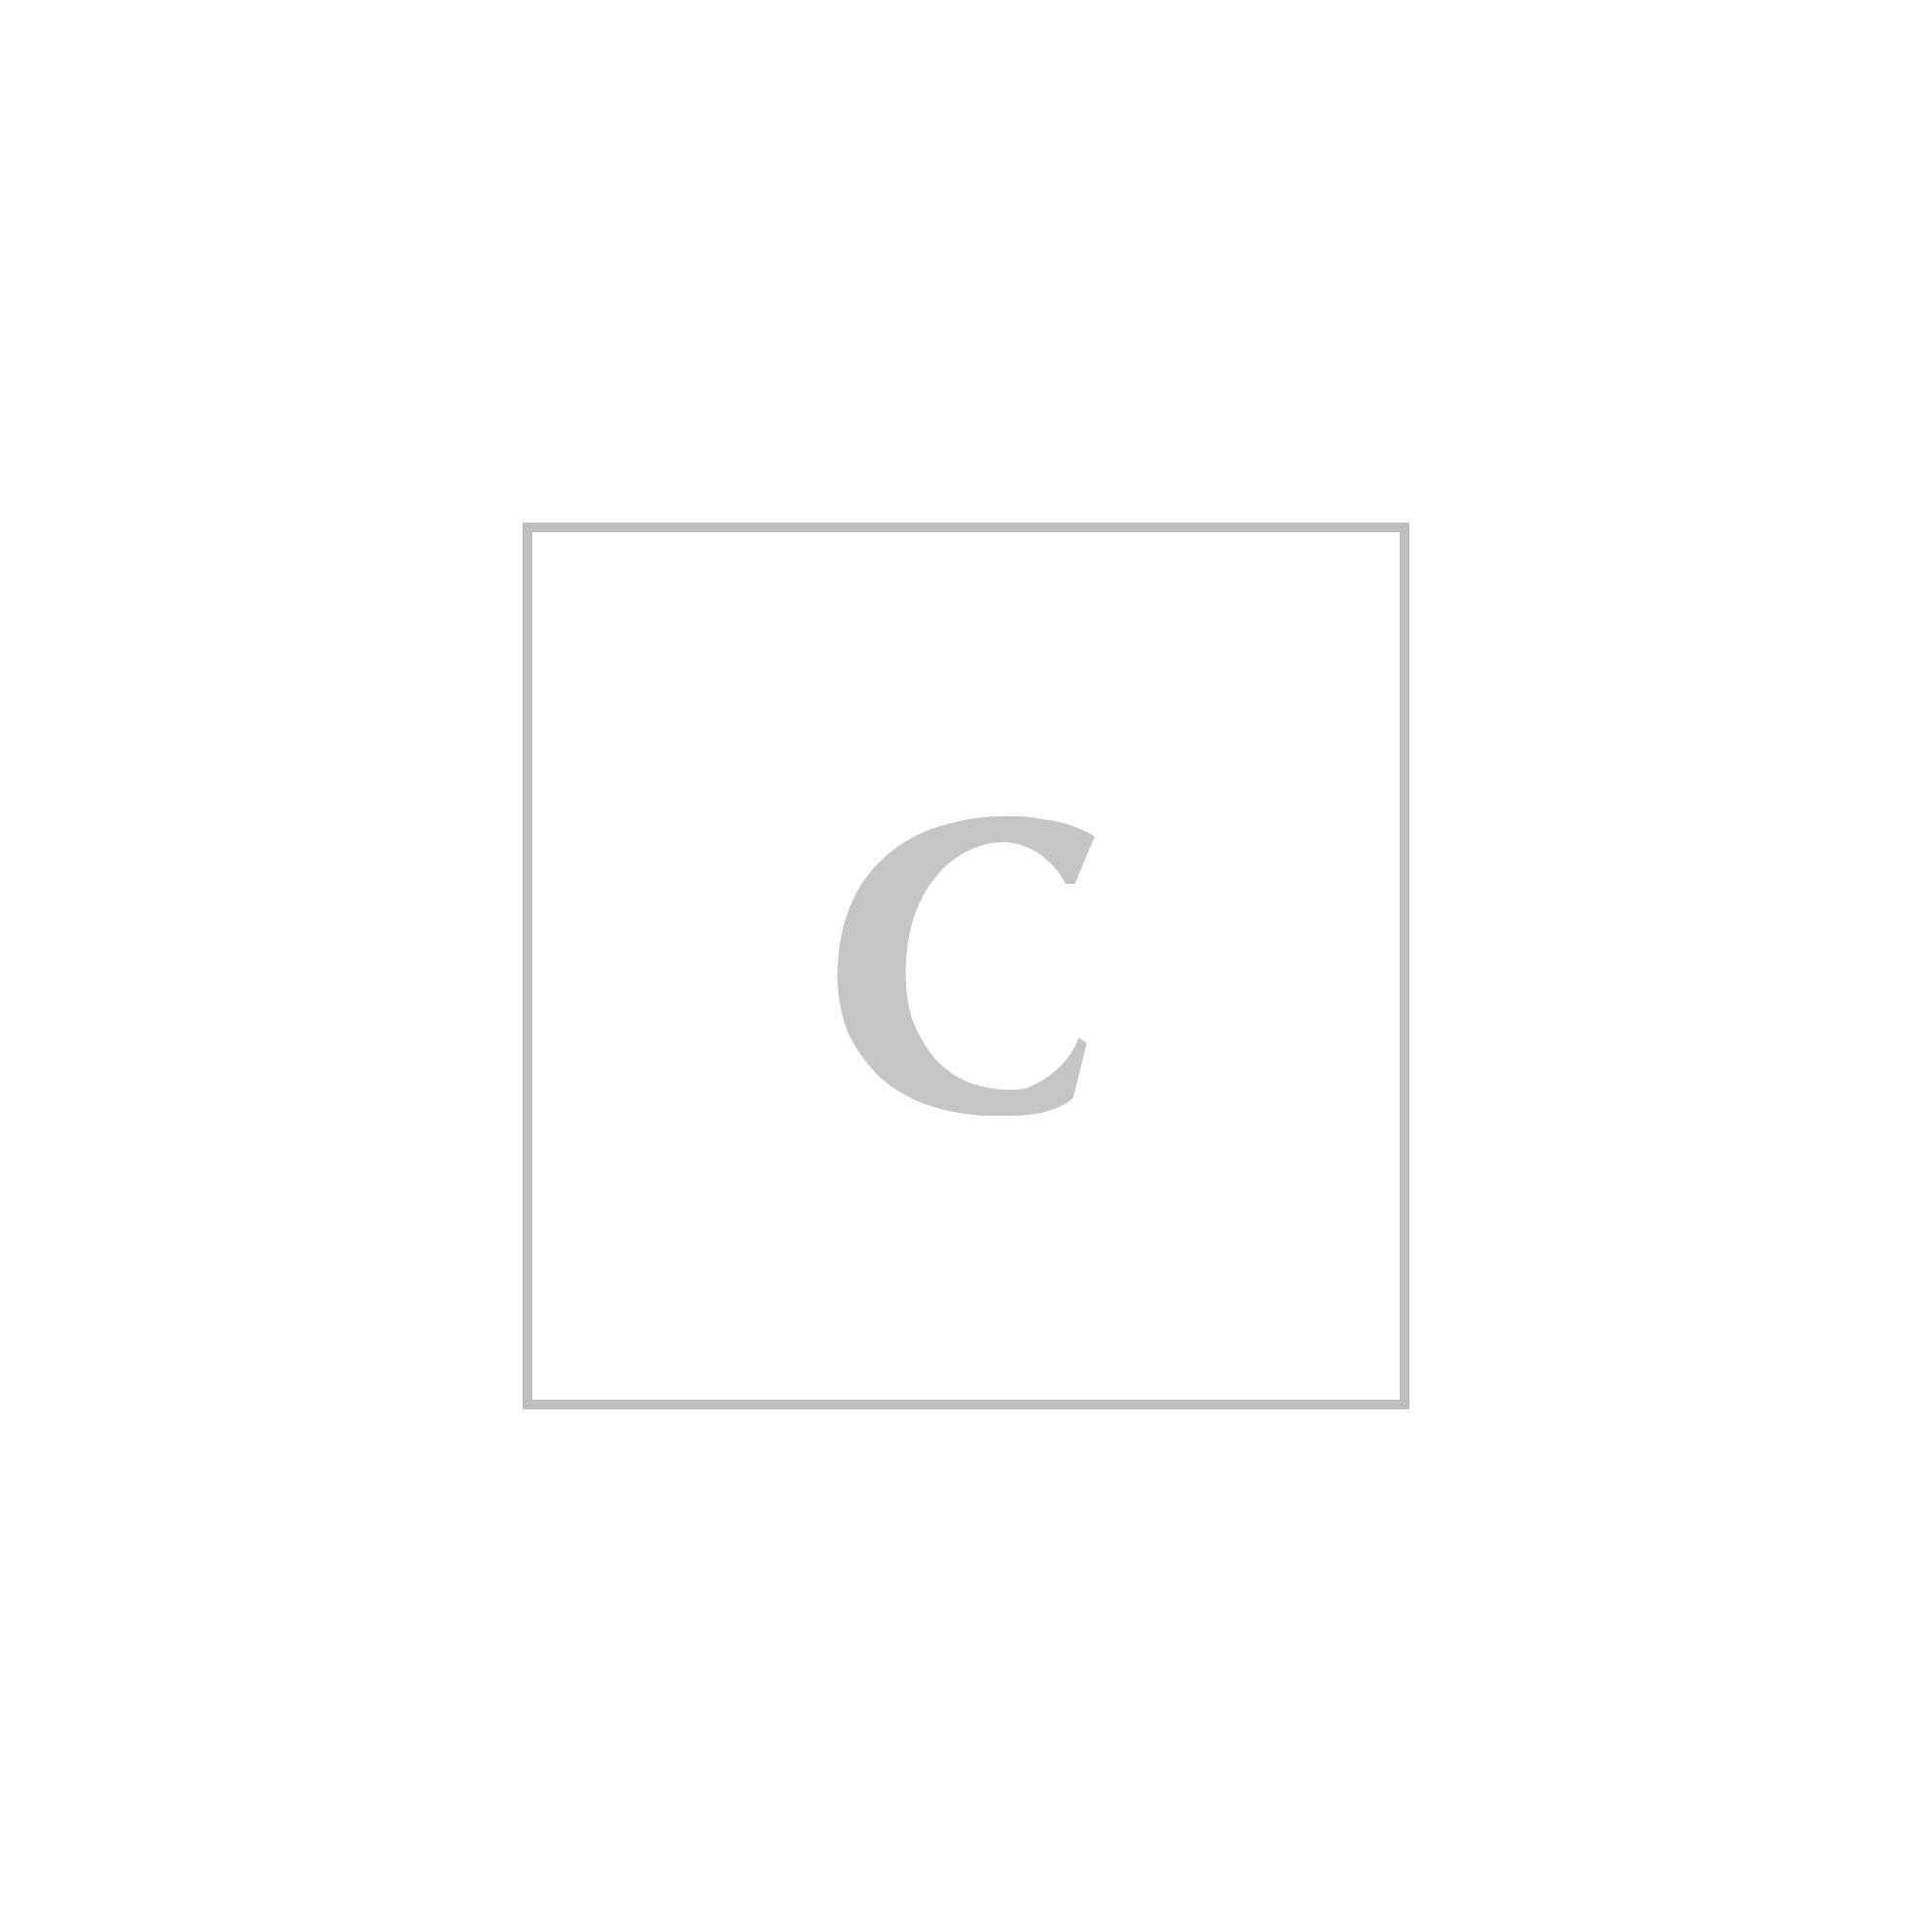 Cc collection corneliani printed shirt